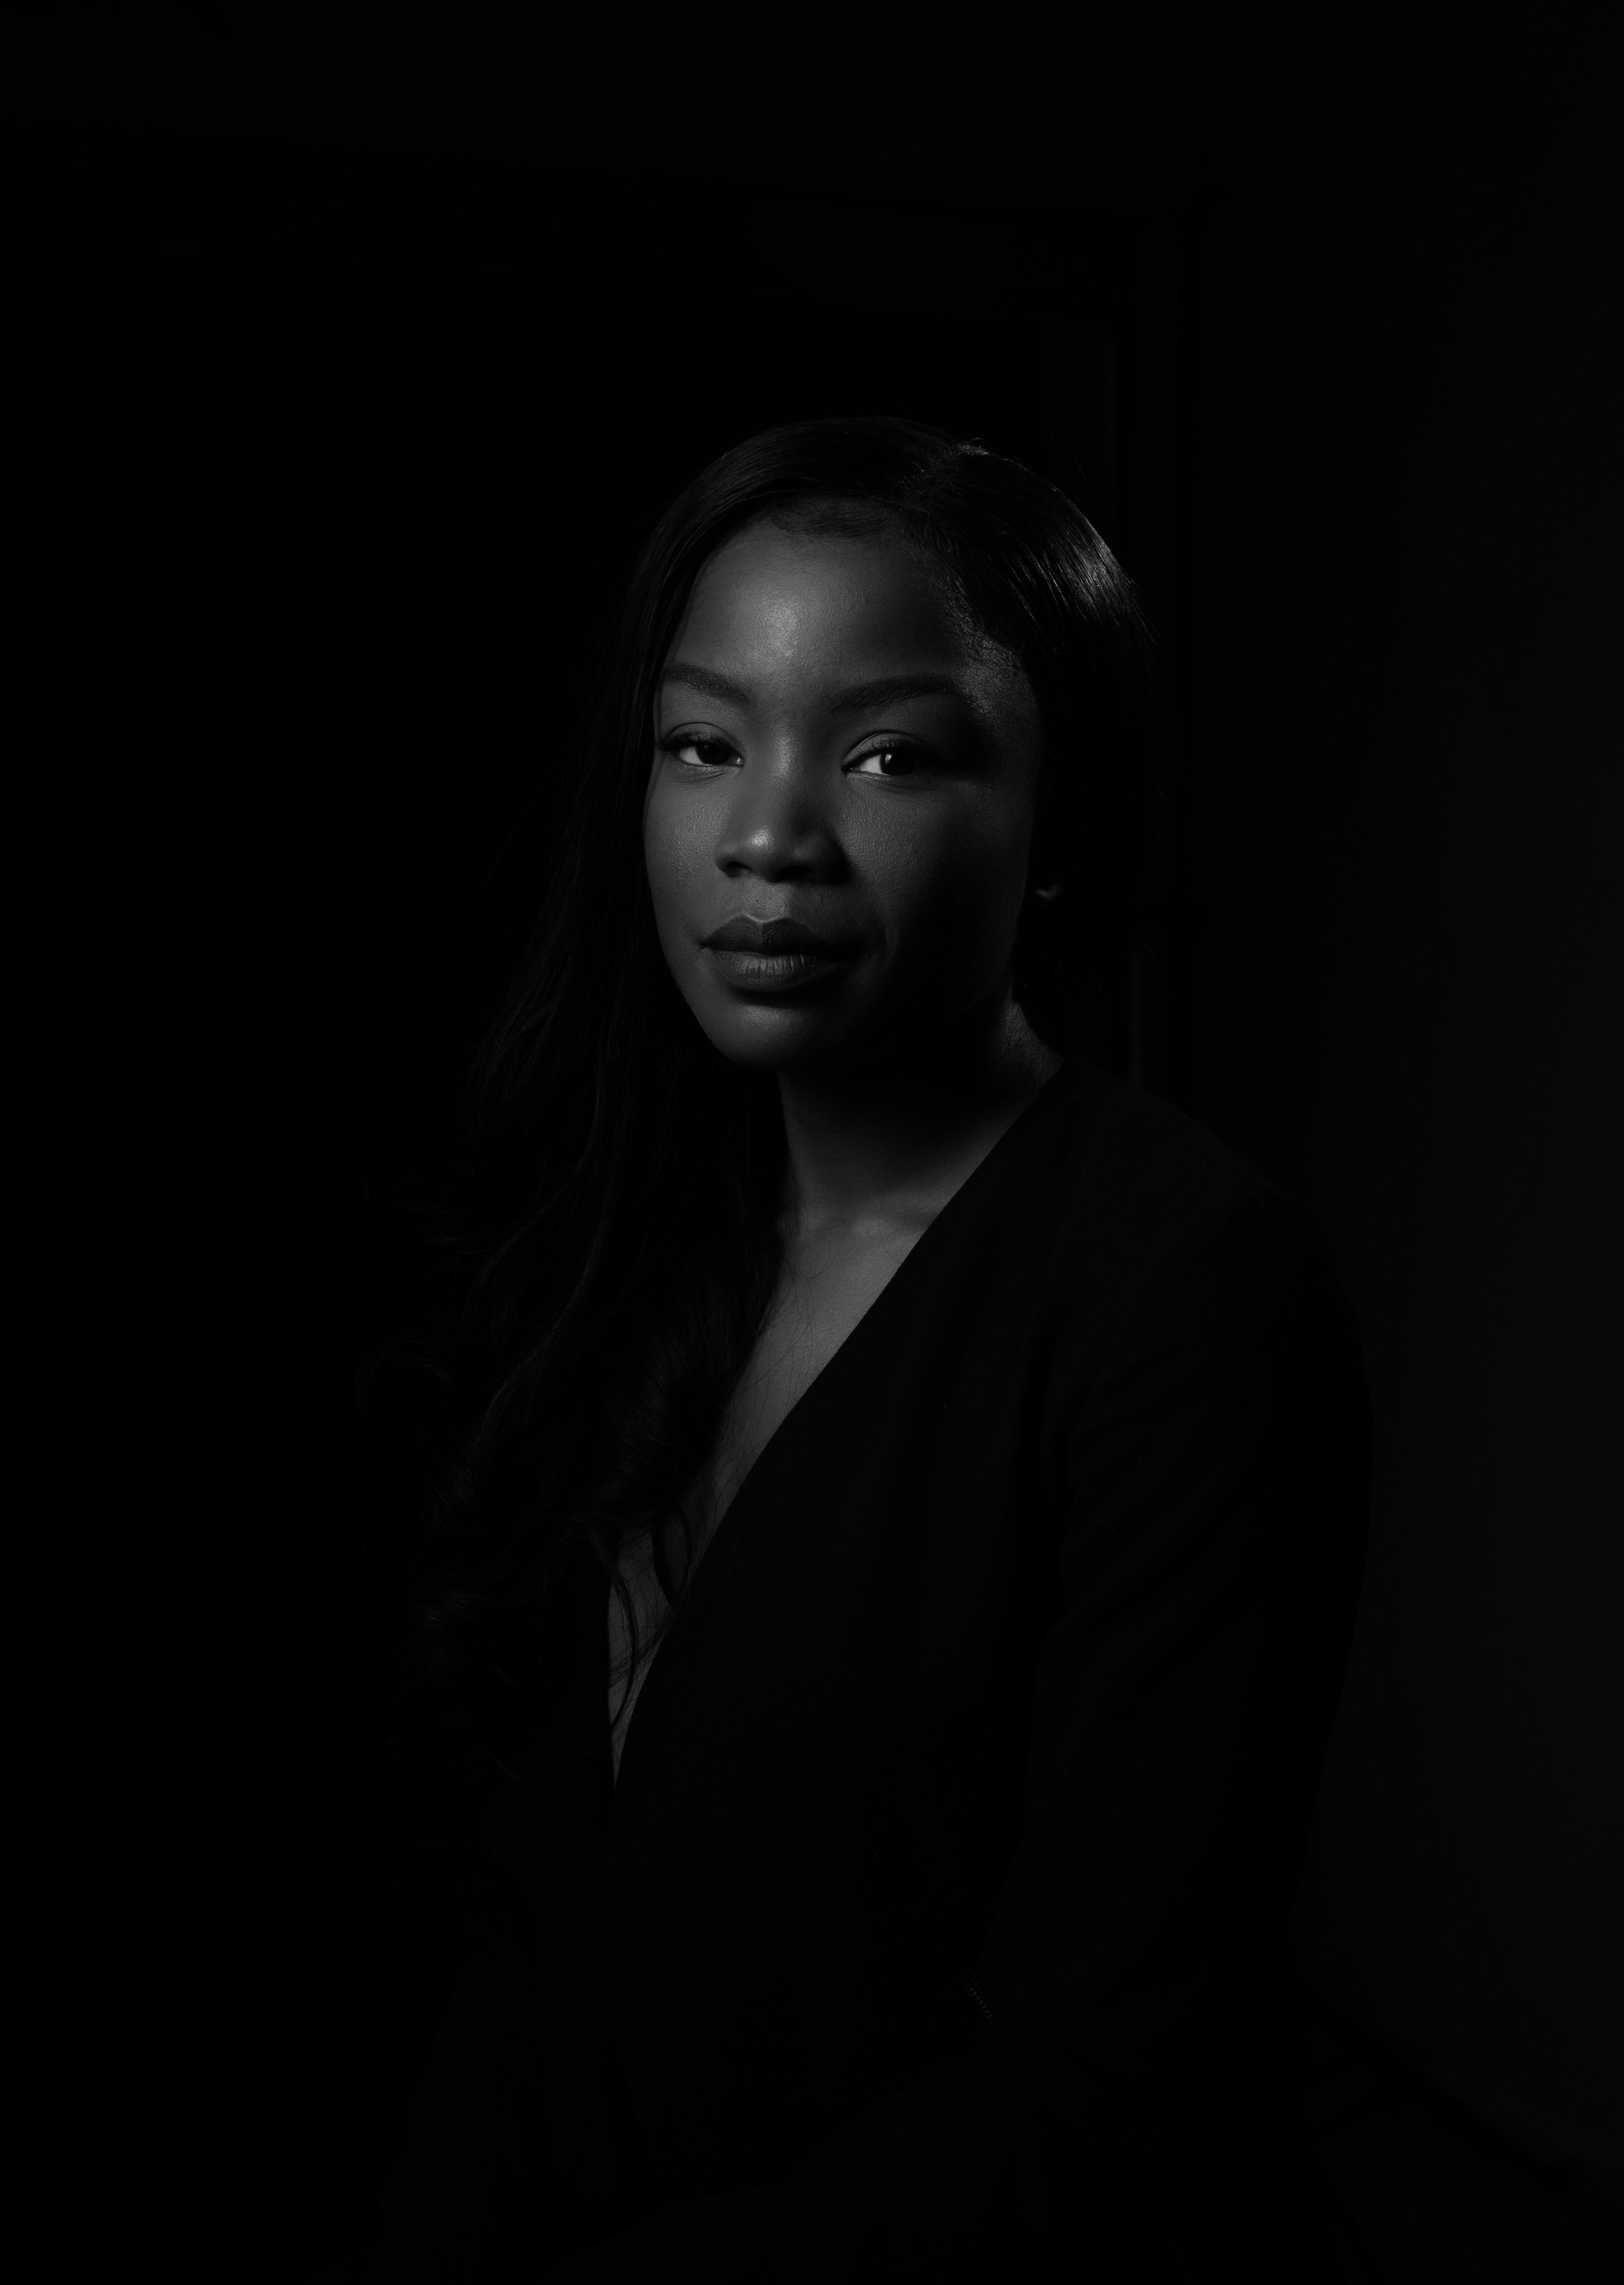 Portrait Photography | 30 Minutes